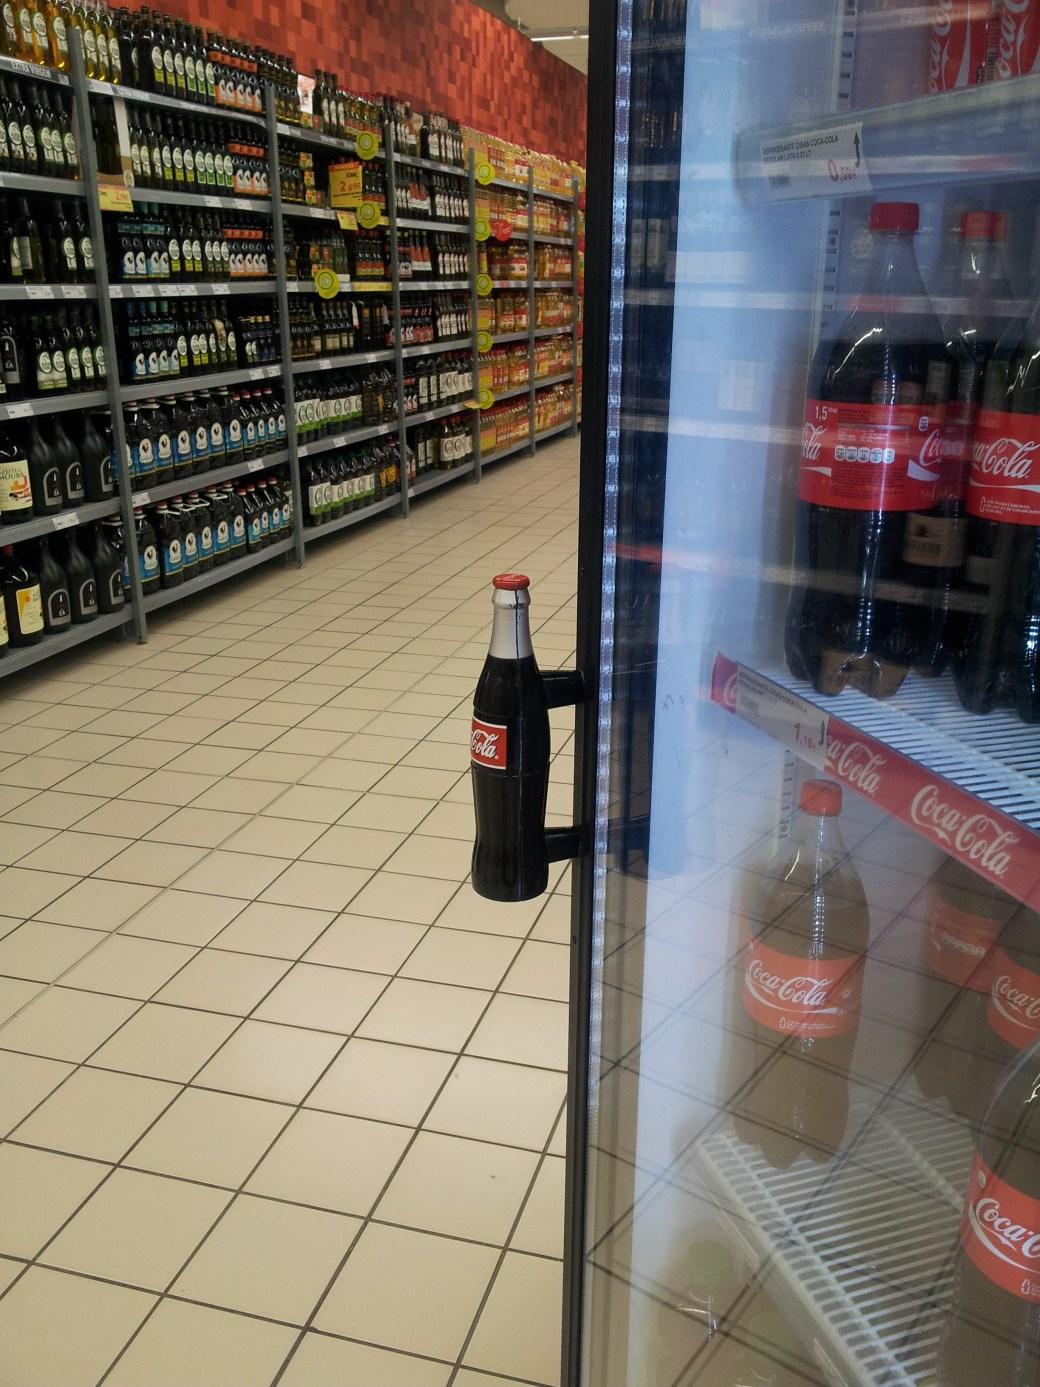 Colaflasche als Türgriff am Kühlschrank